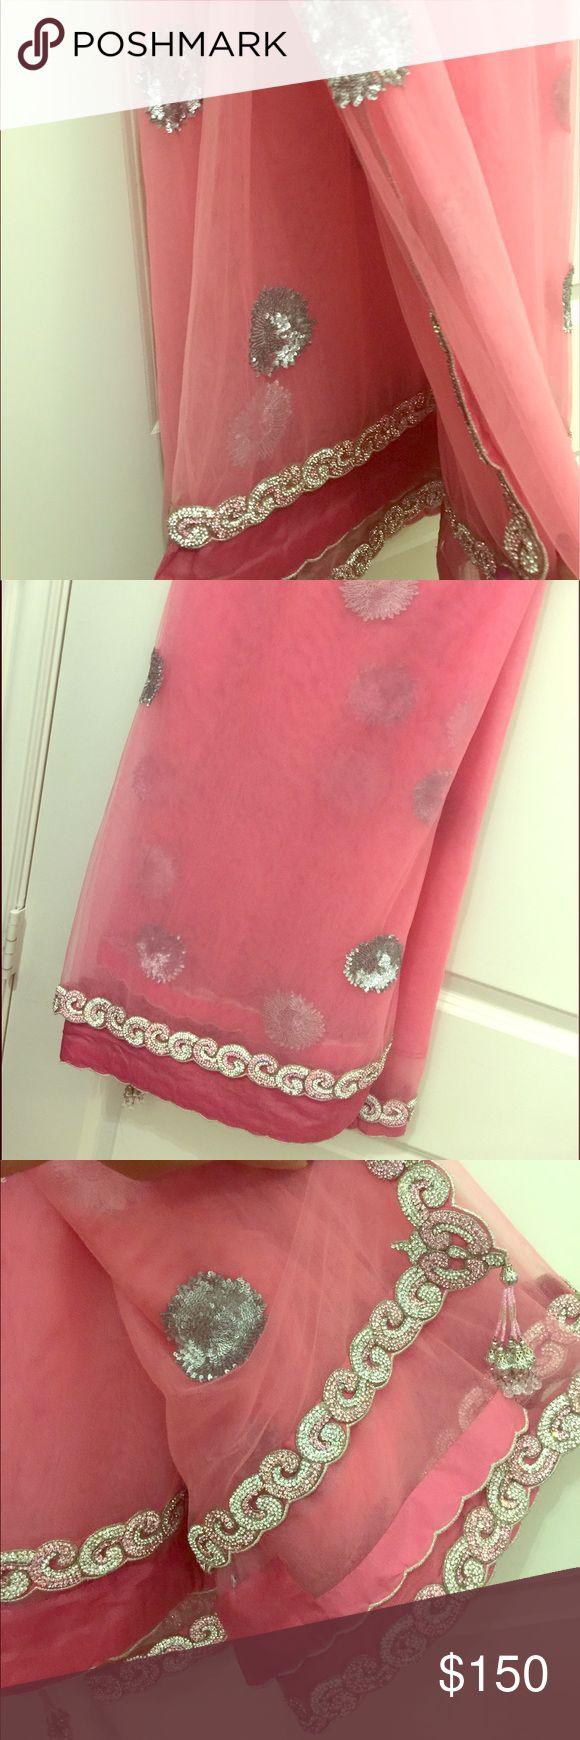 Designer Indian Saree (never worn) Beautiful Net Saree never worn. Other